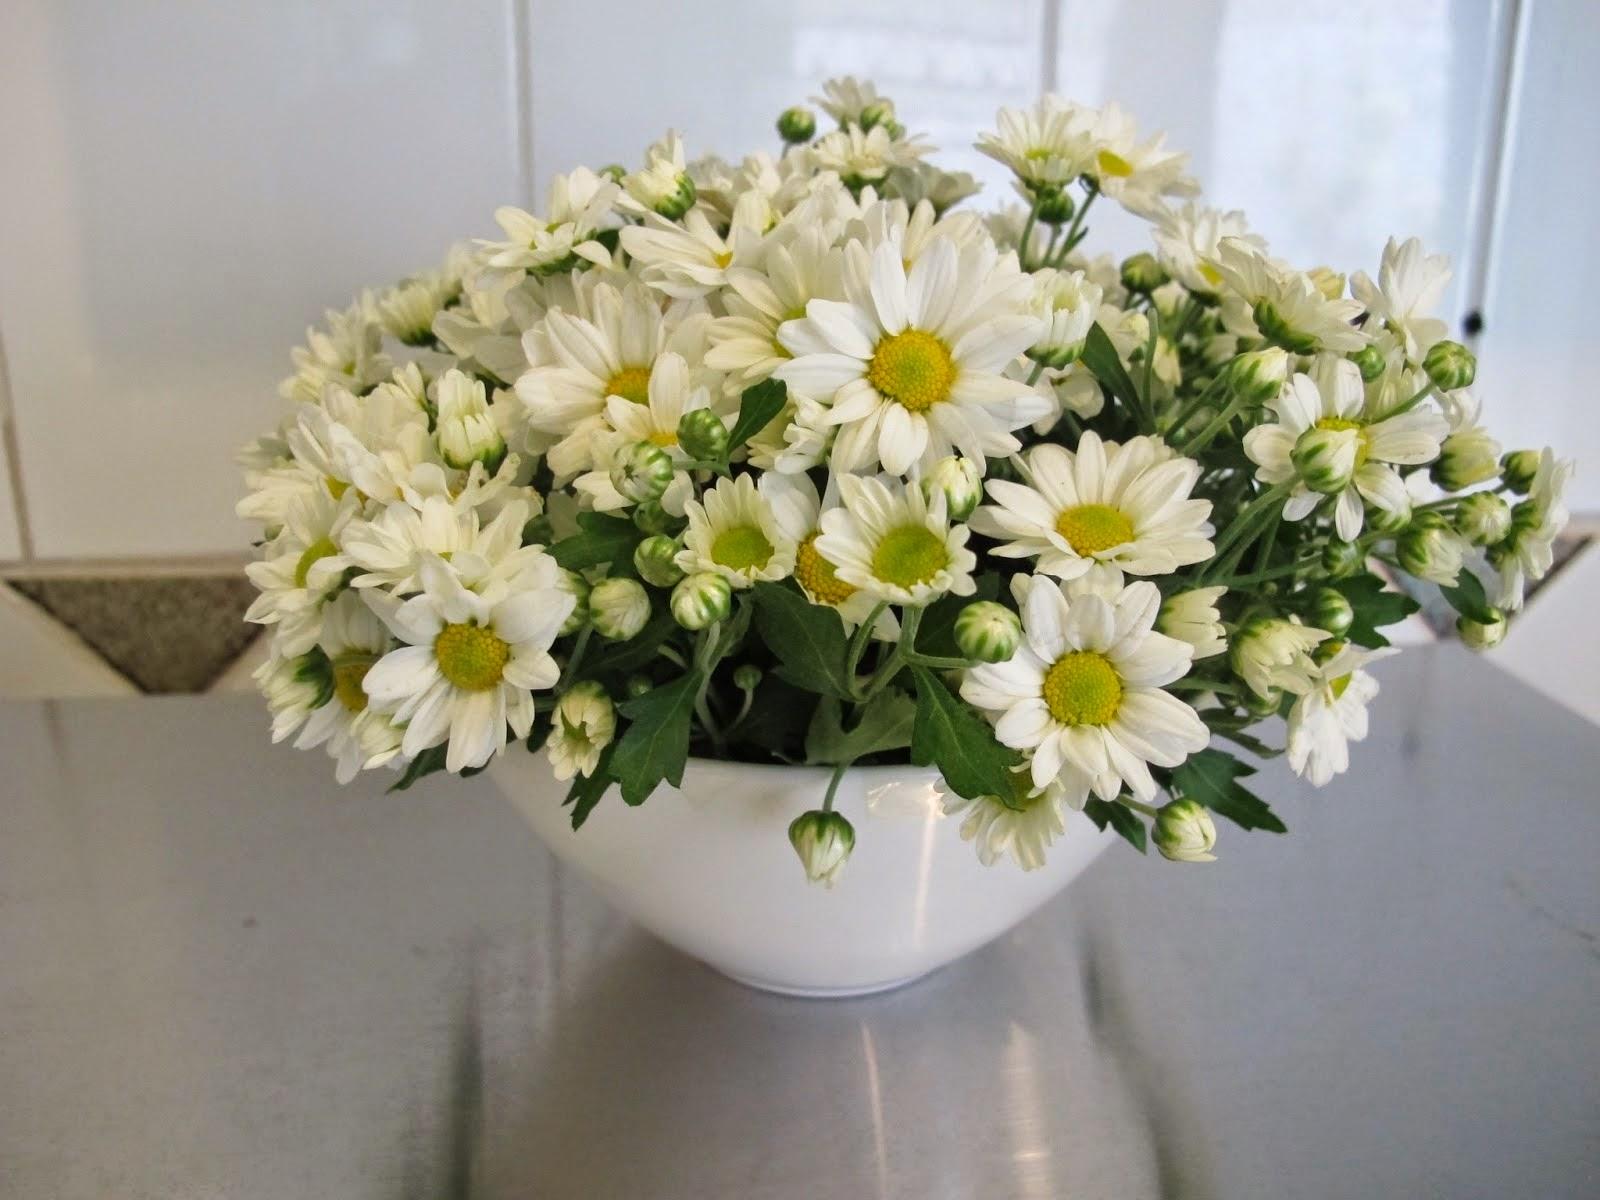 Flores e Arranjos Apissol Contagem Empresa Facebook